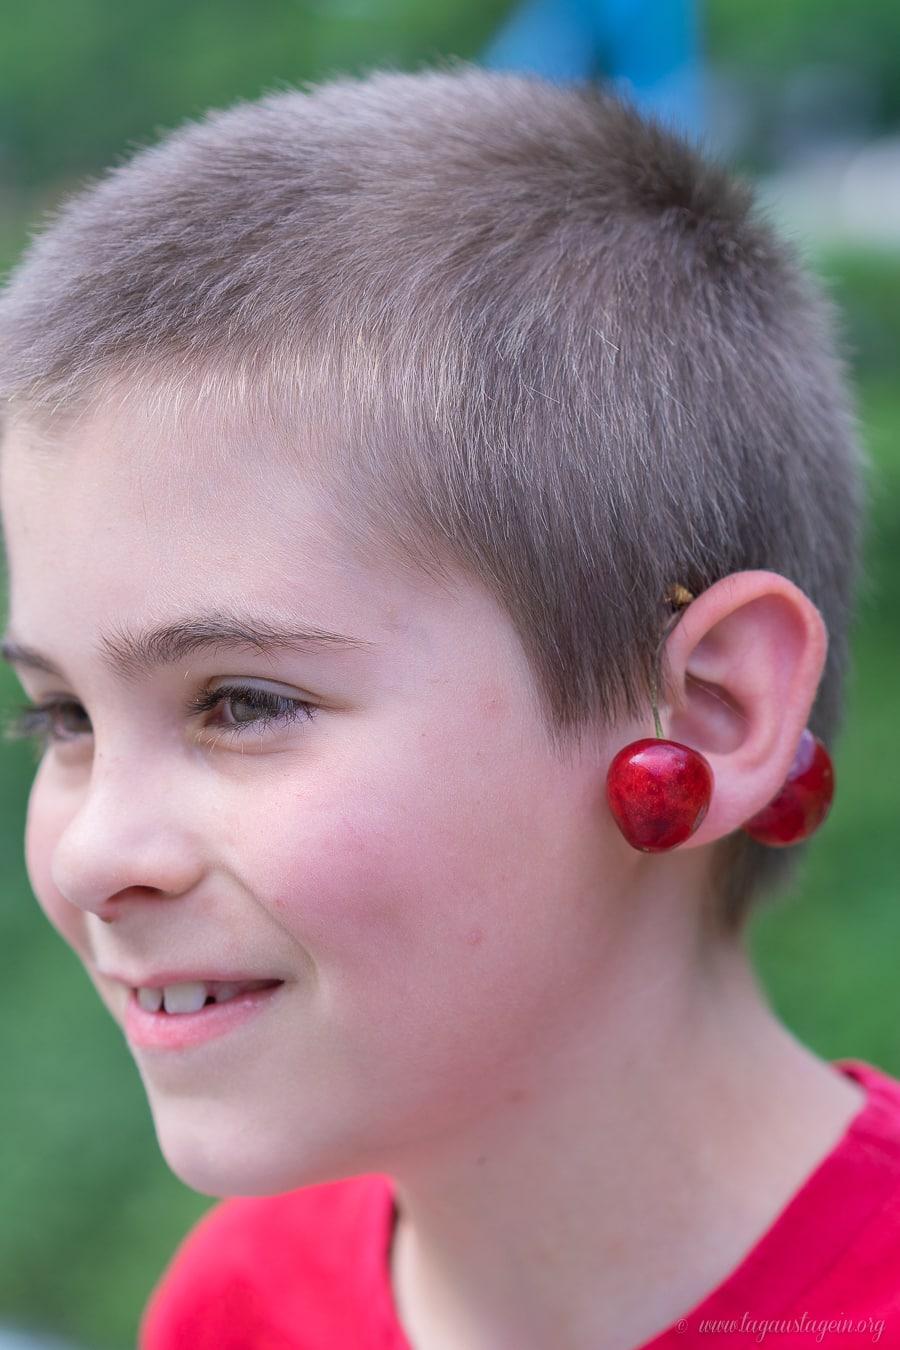 Kirschen am Ohr